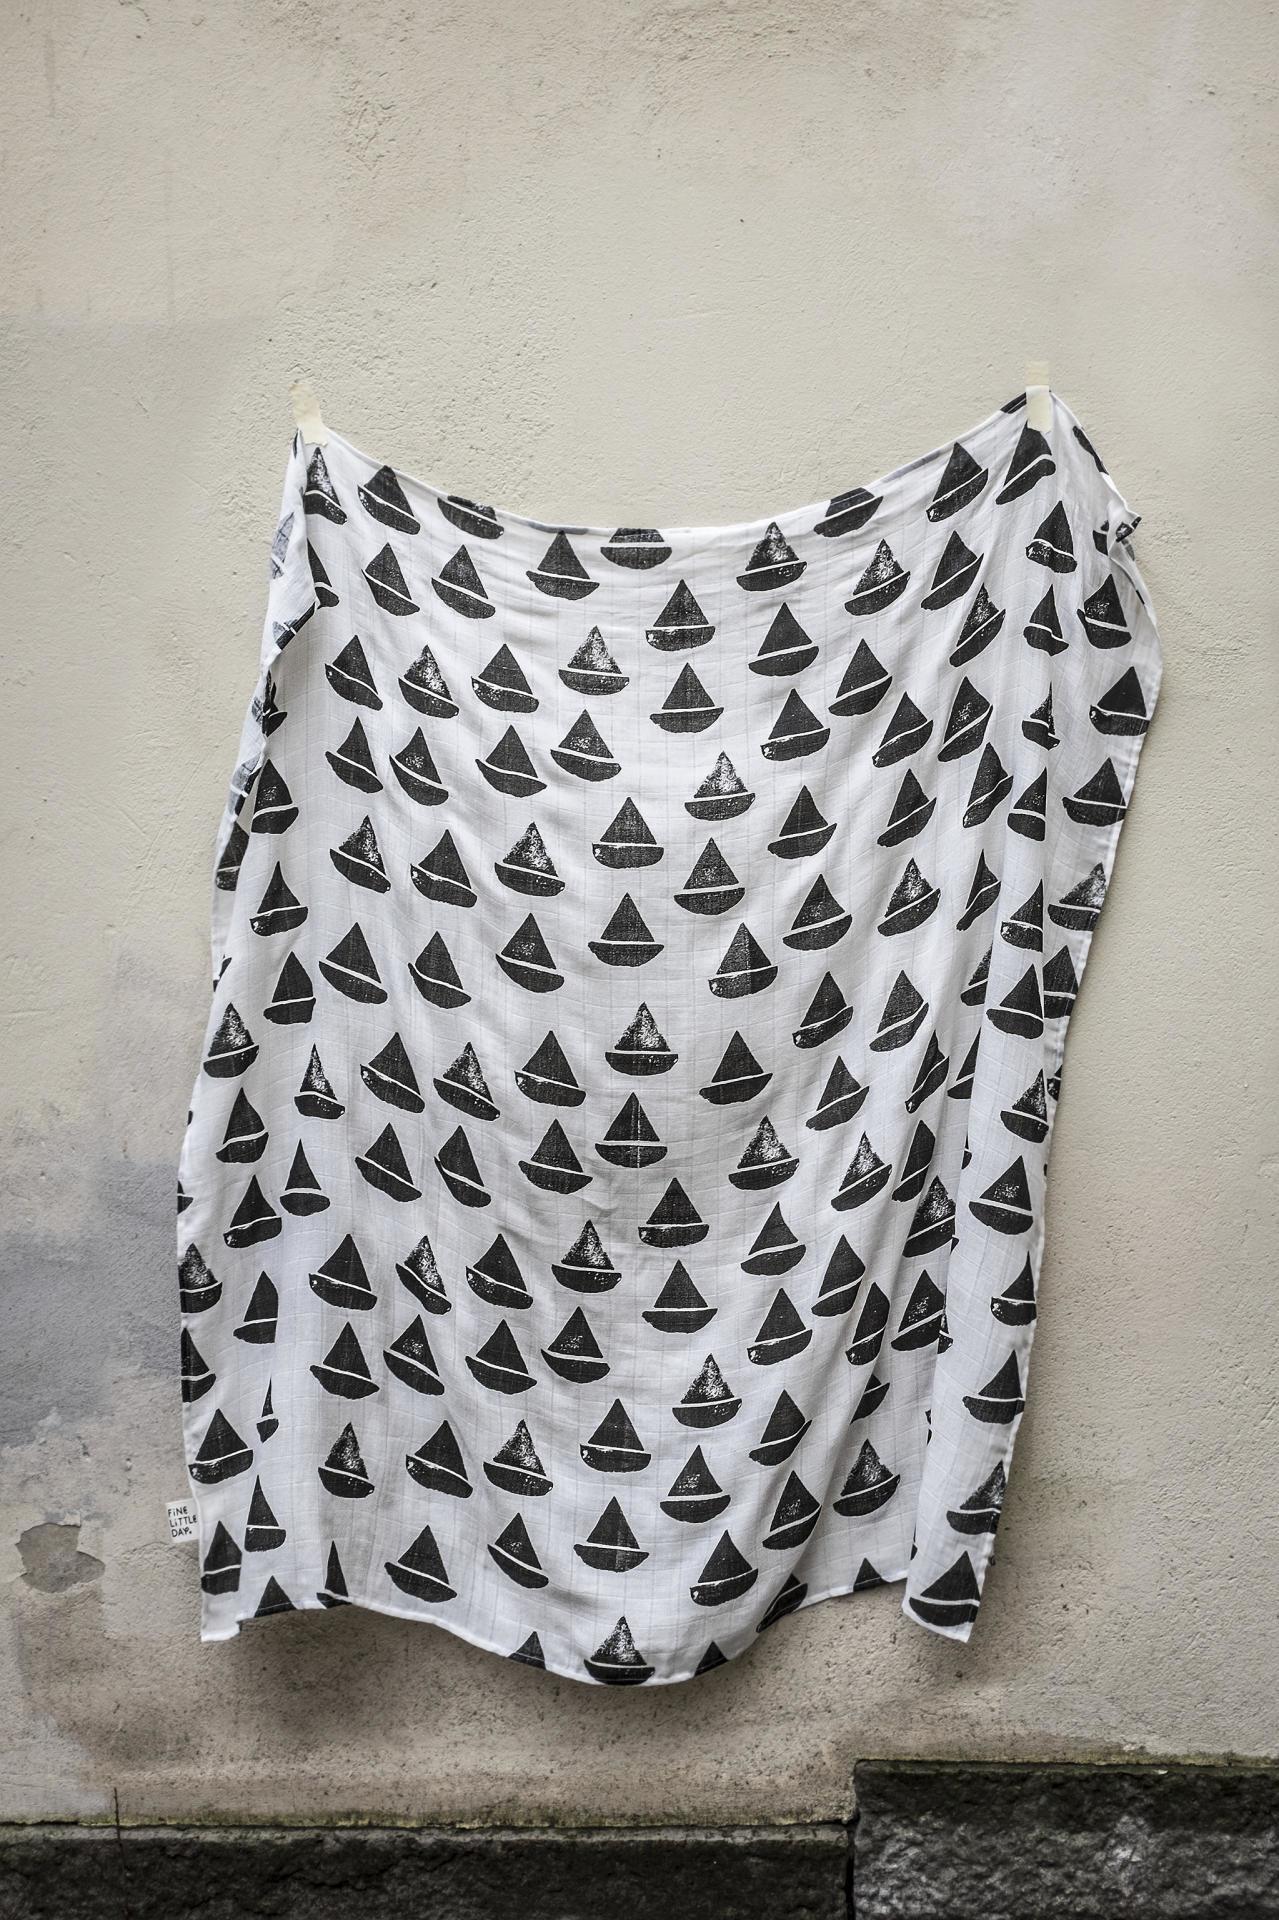 Fine Little Day Dětská mušelínová plenka Boat boat, černá barva, bílá barva, textil